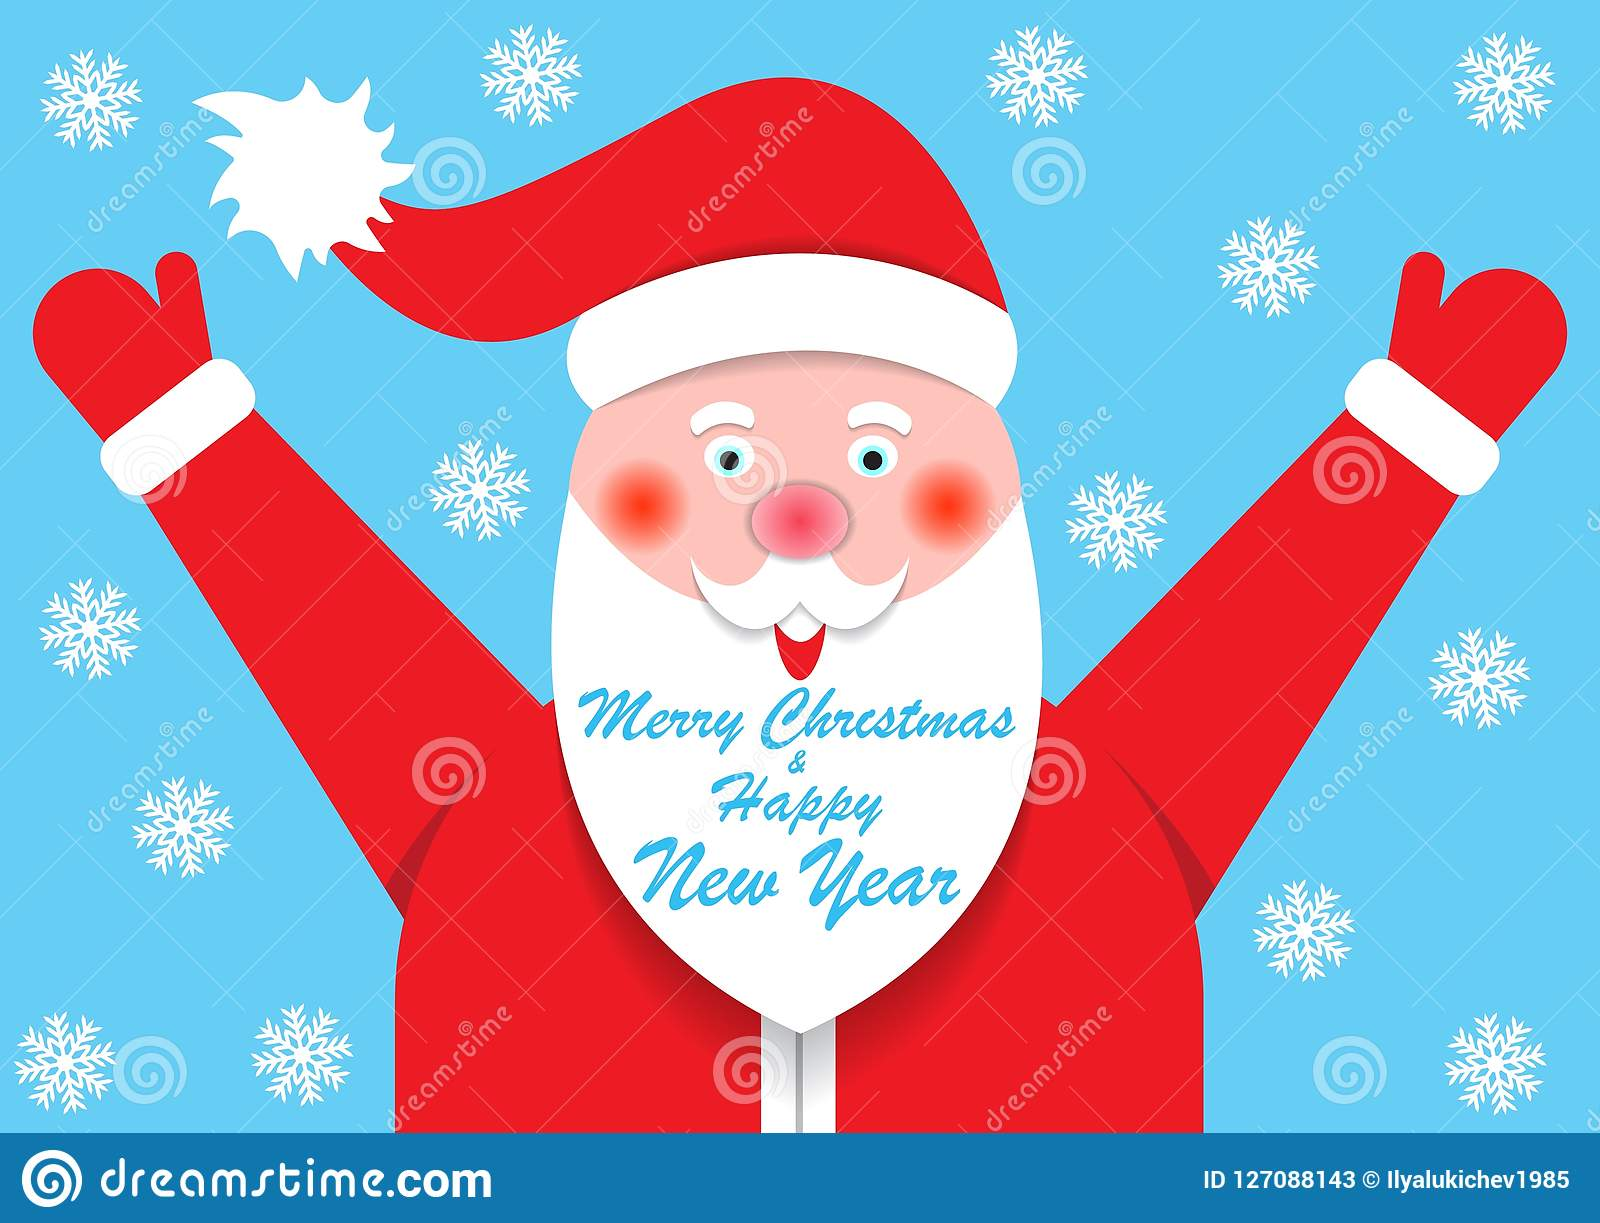 Salutations de Joyeux Noël et de nouvelle année, calibre, carte postale, bannière